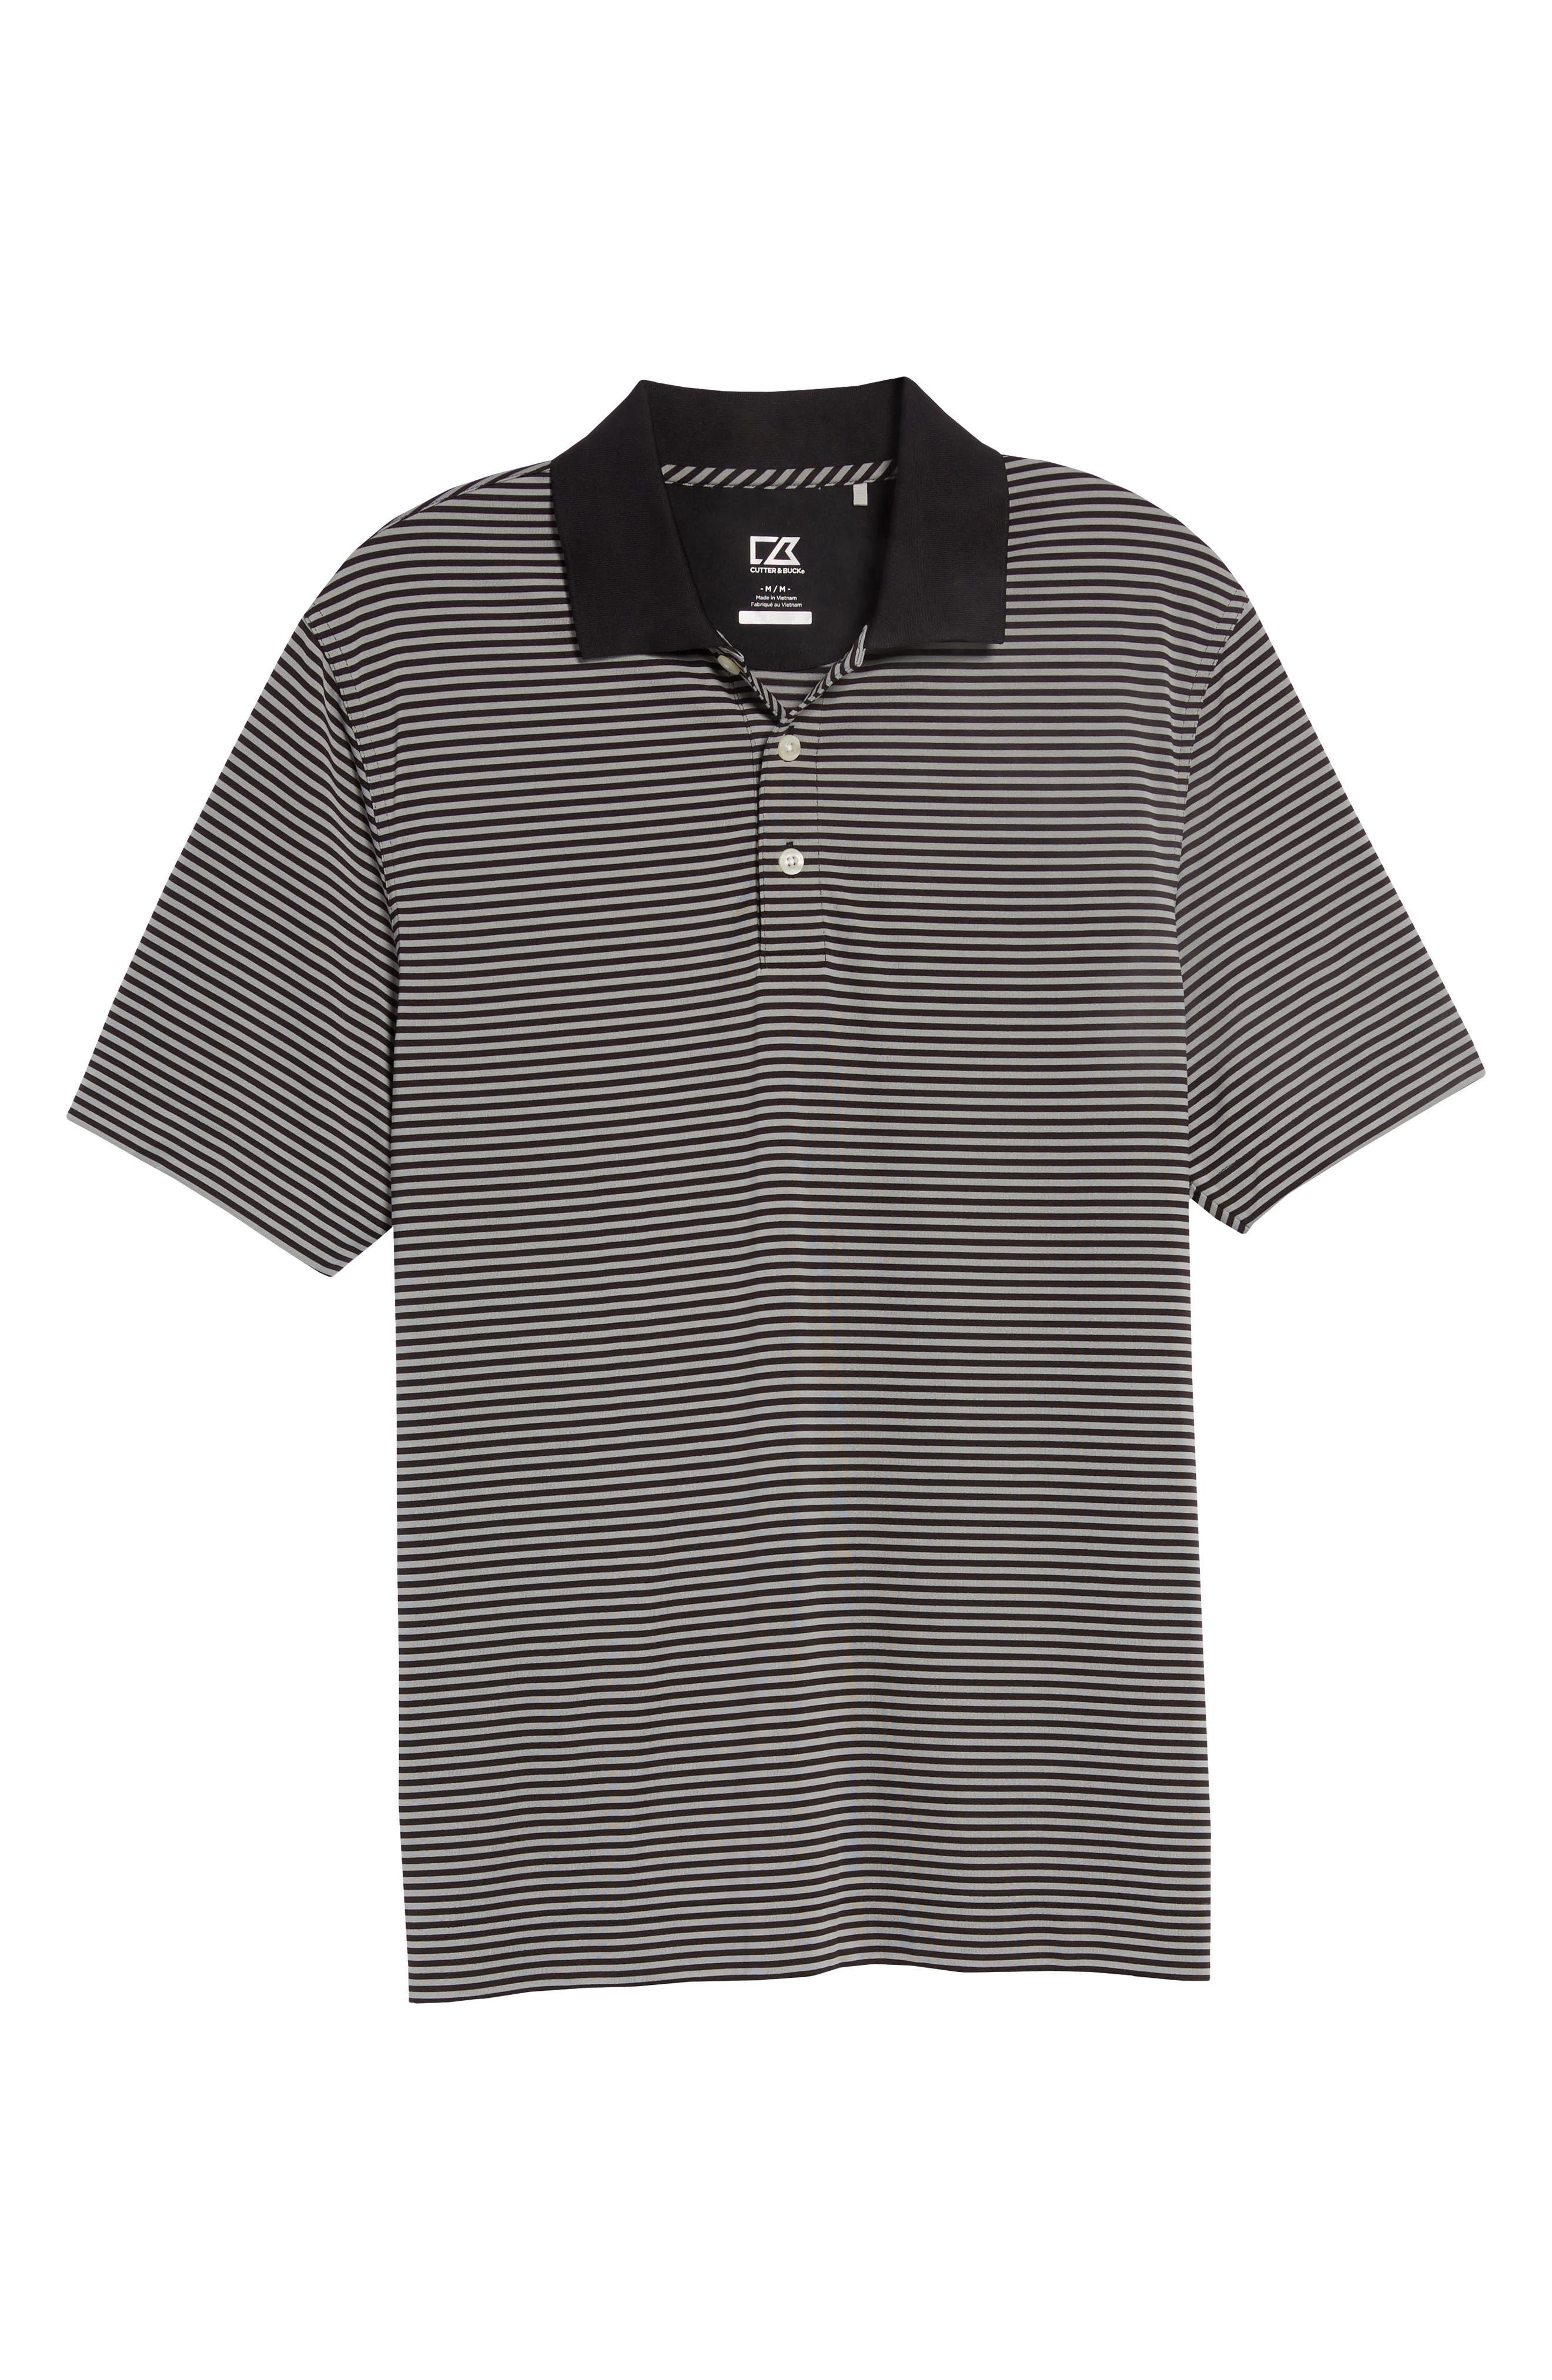 Trevor DryTec Moisture Wicking Golf Polo,                             Alternate thumbnail 6, color,                             BLACK/ OXIDE